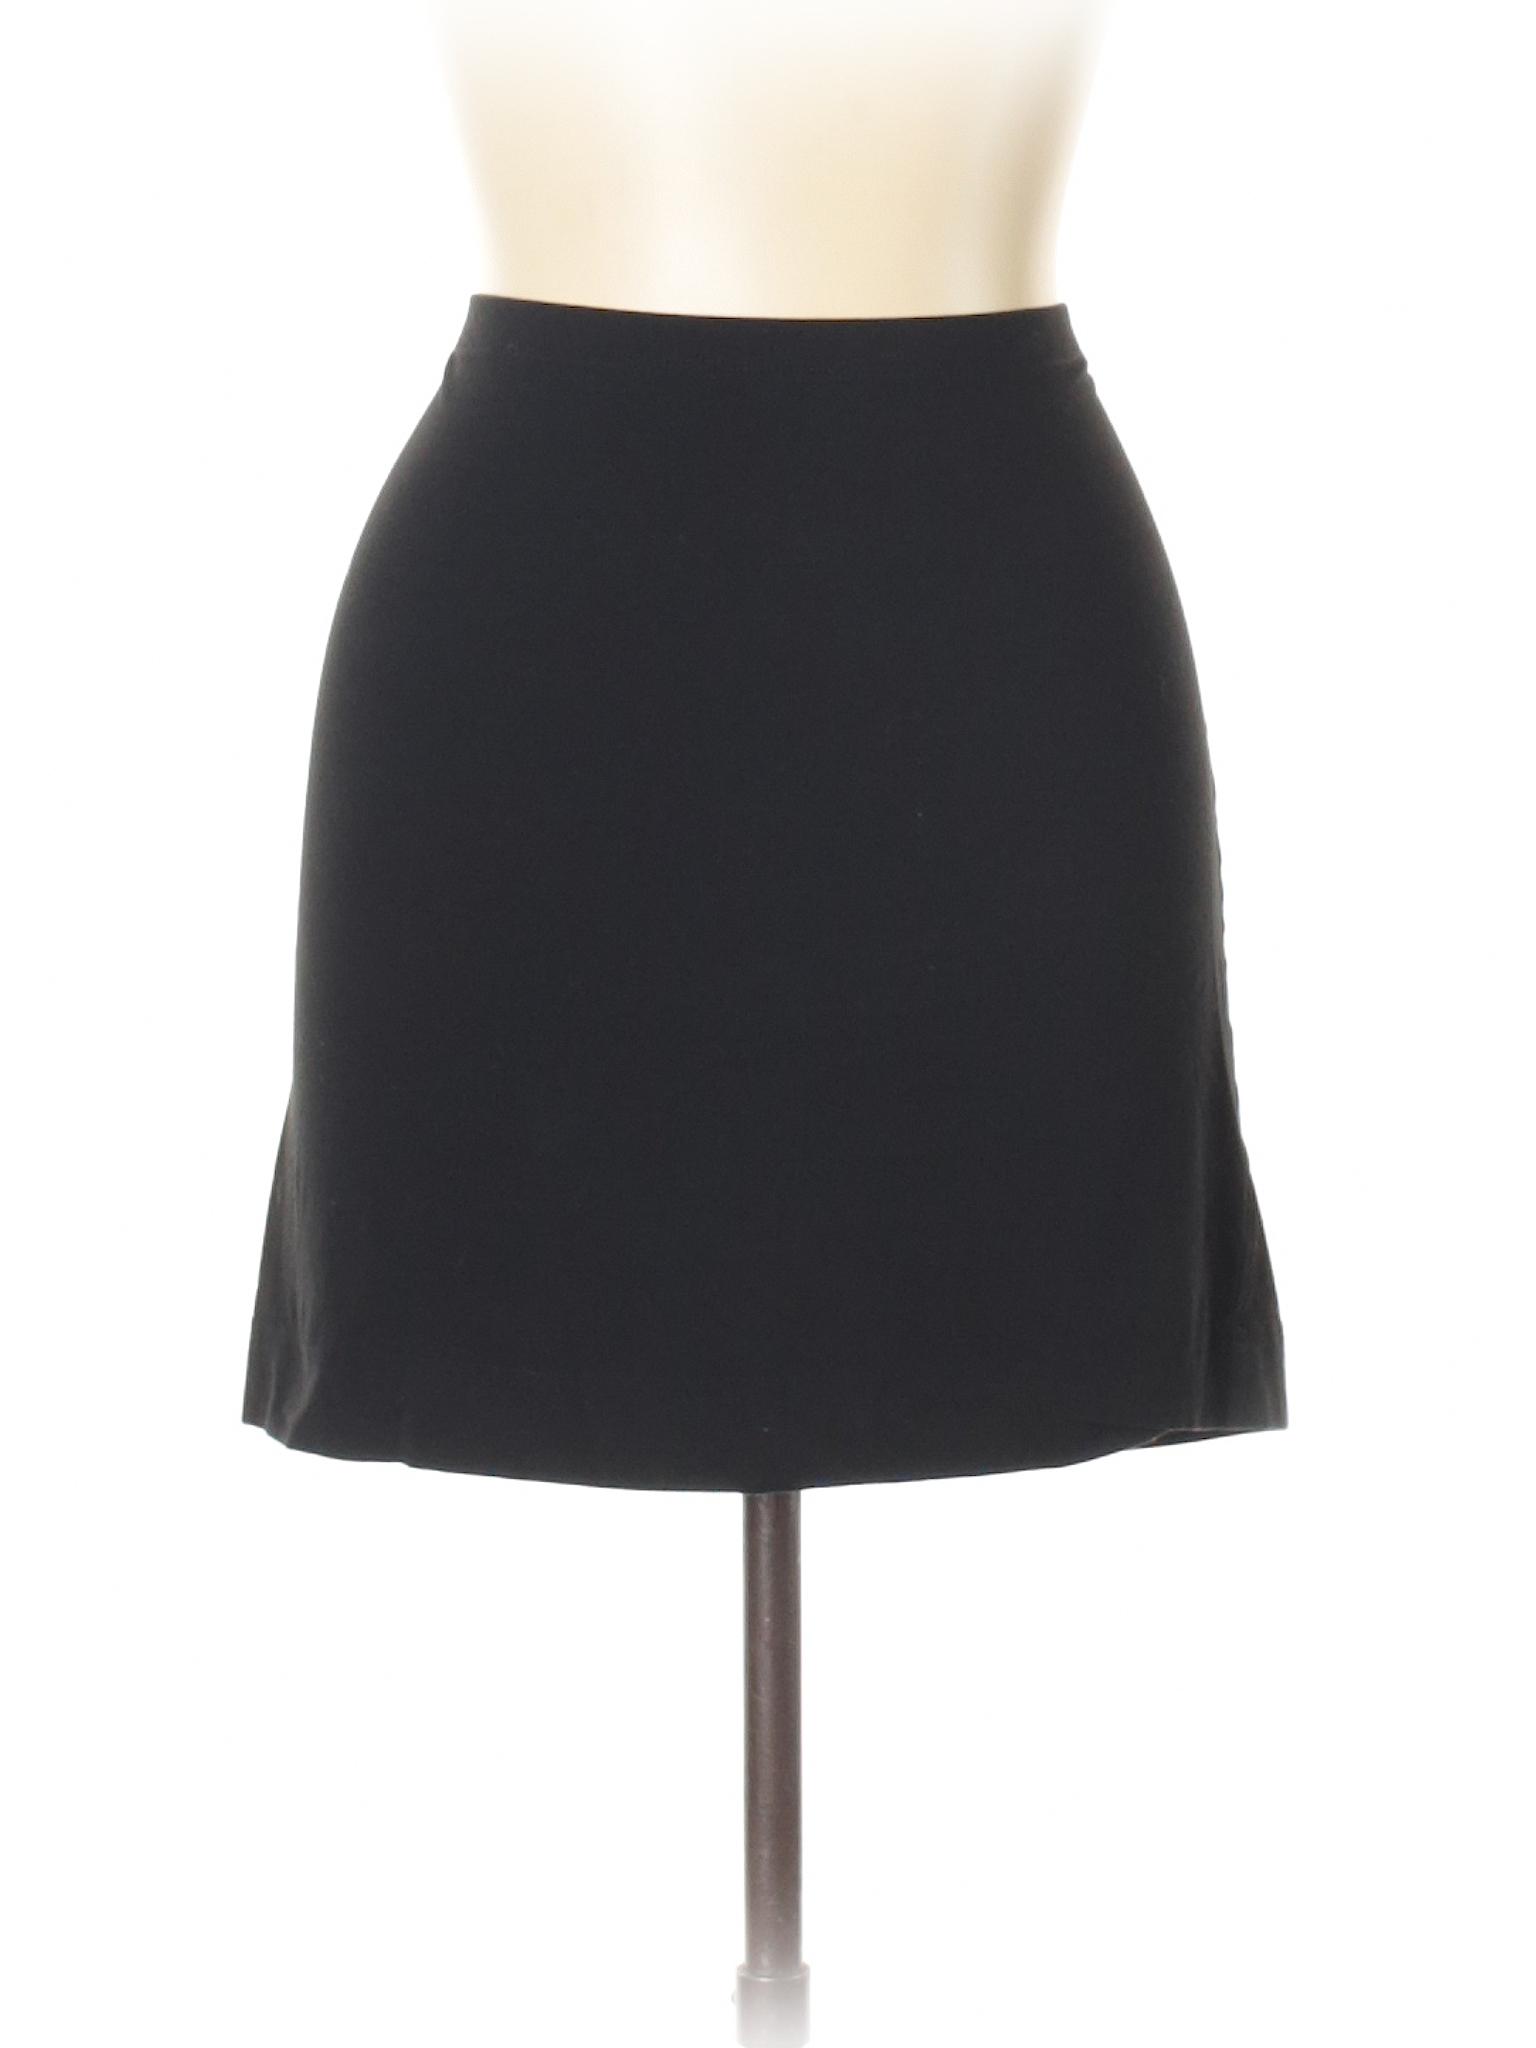 Casual Boutique Skirt Boutique Casual Skirt Boutique Casual w65Epqa